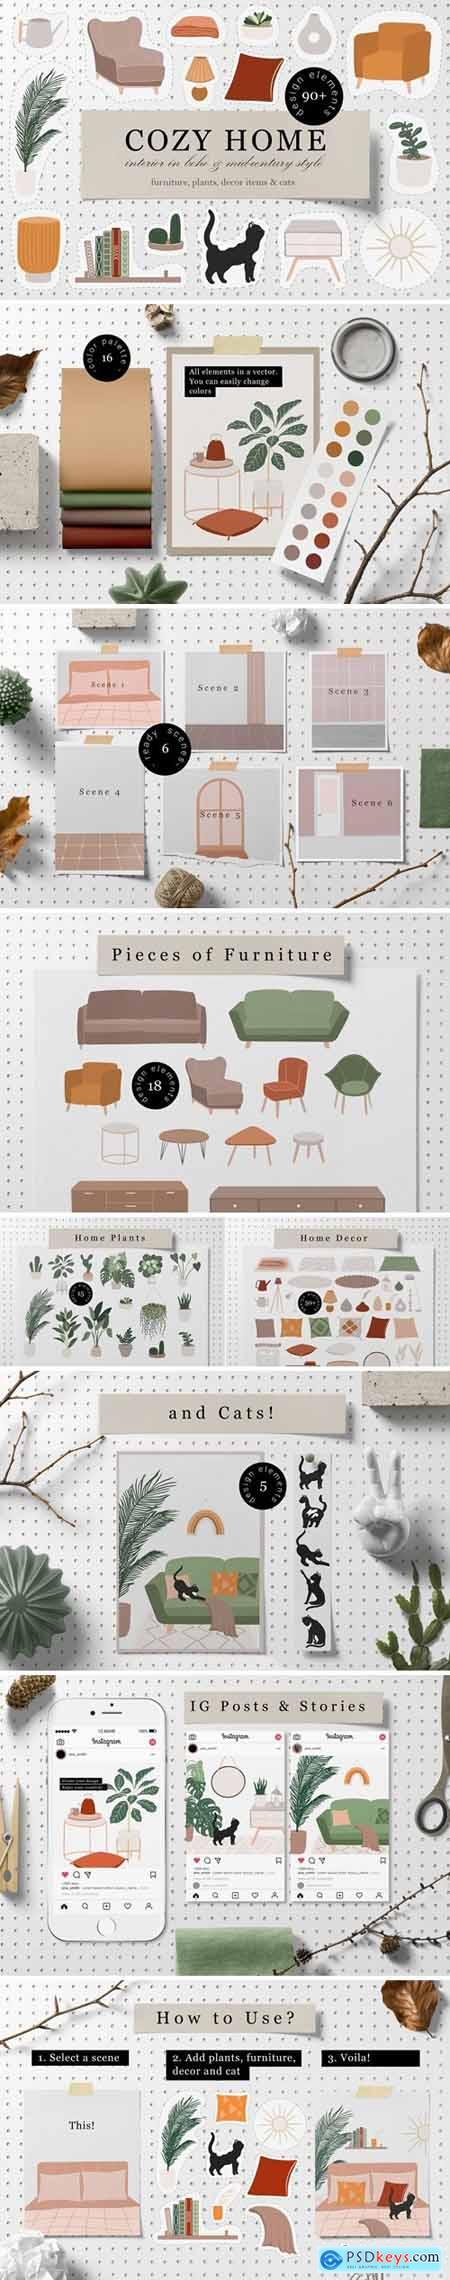 CreativeMarket - Cozy Home Decor Collection 5550251